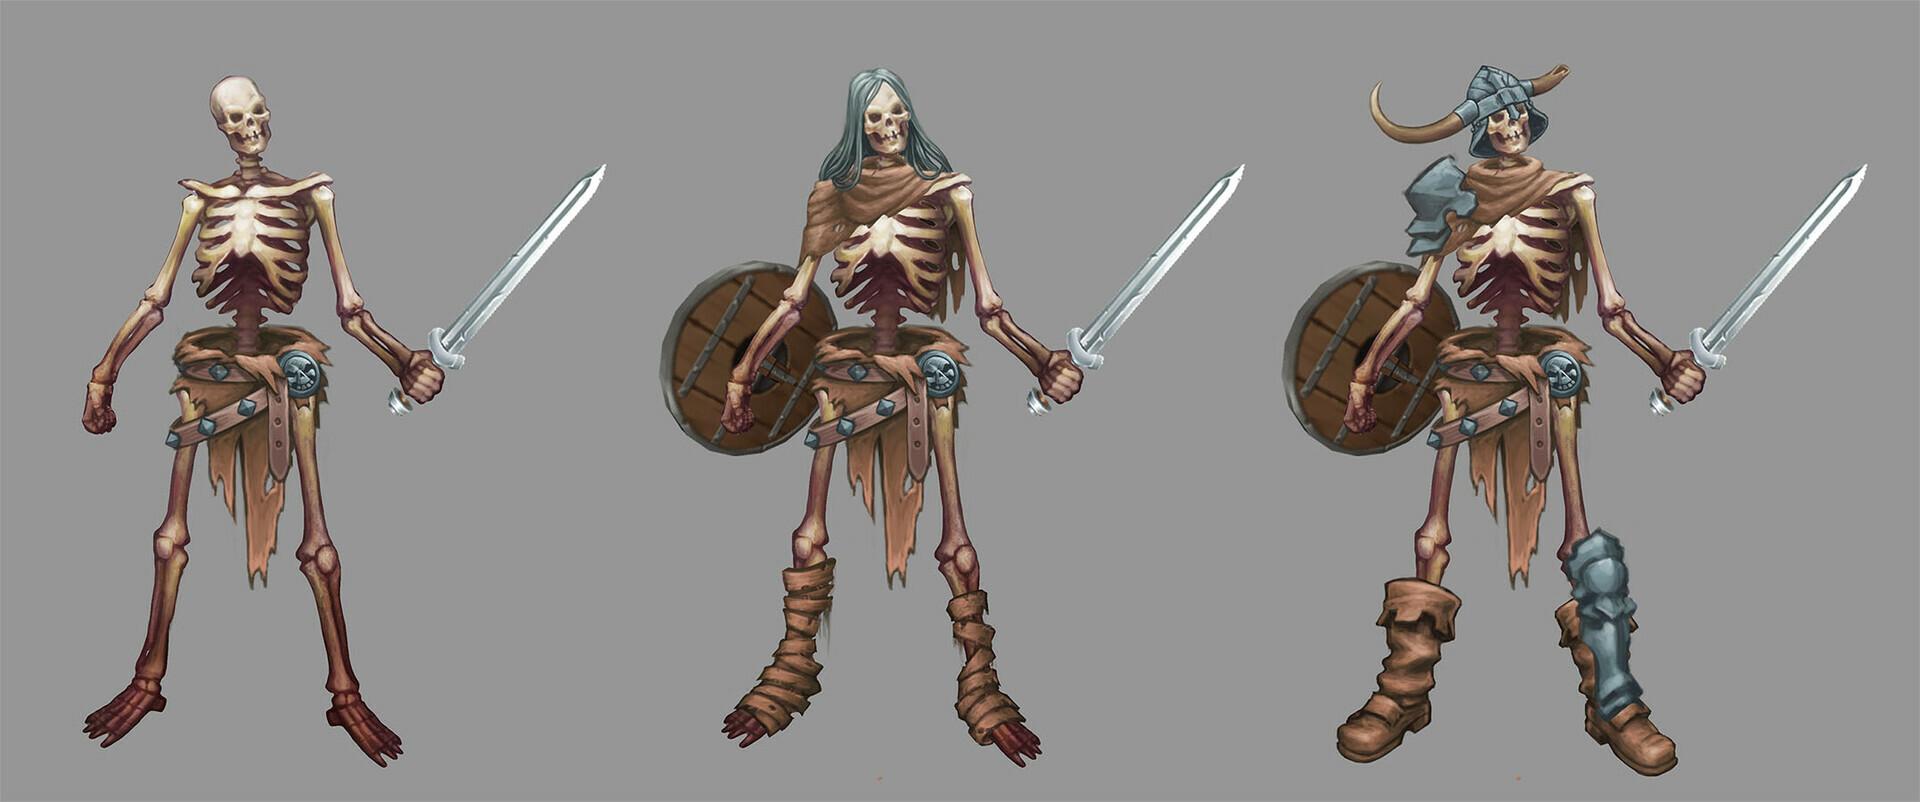 Viktor saghy viktor saghy skeleton concept